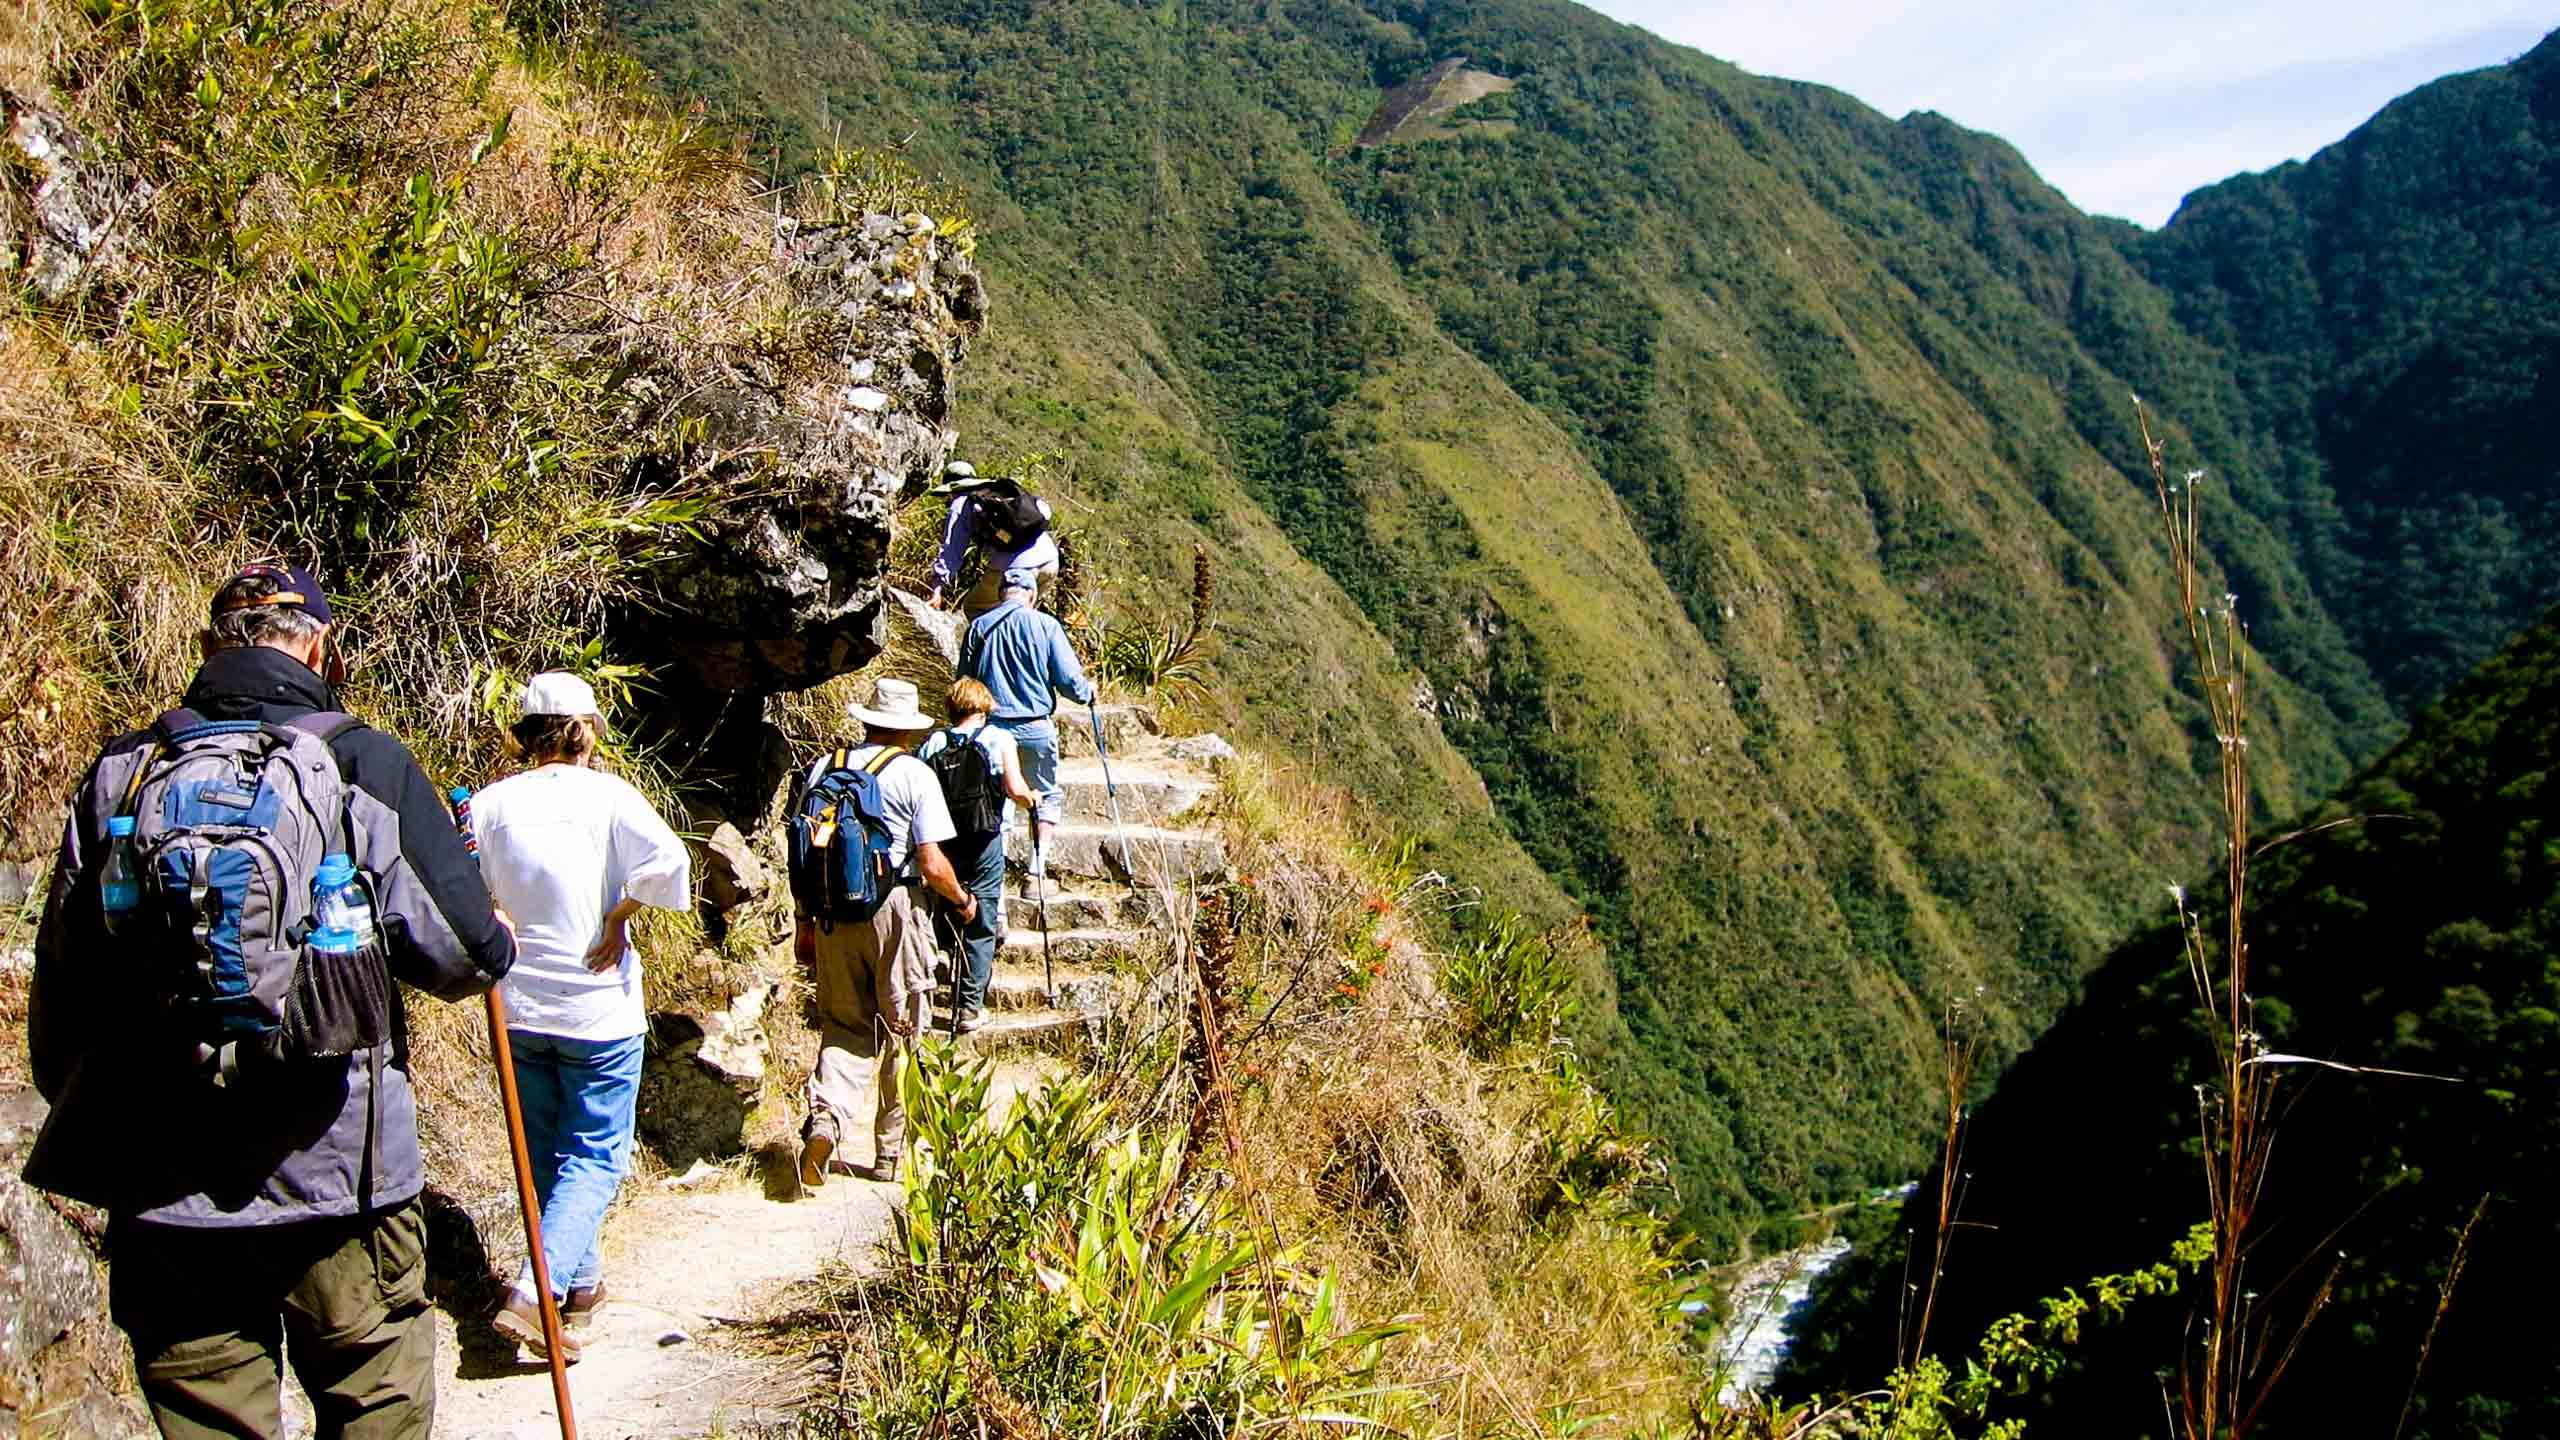 Group hikes Inca Trail in Peru